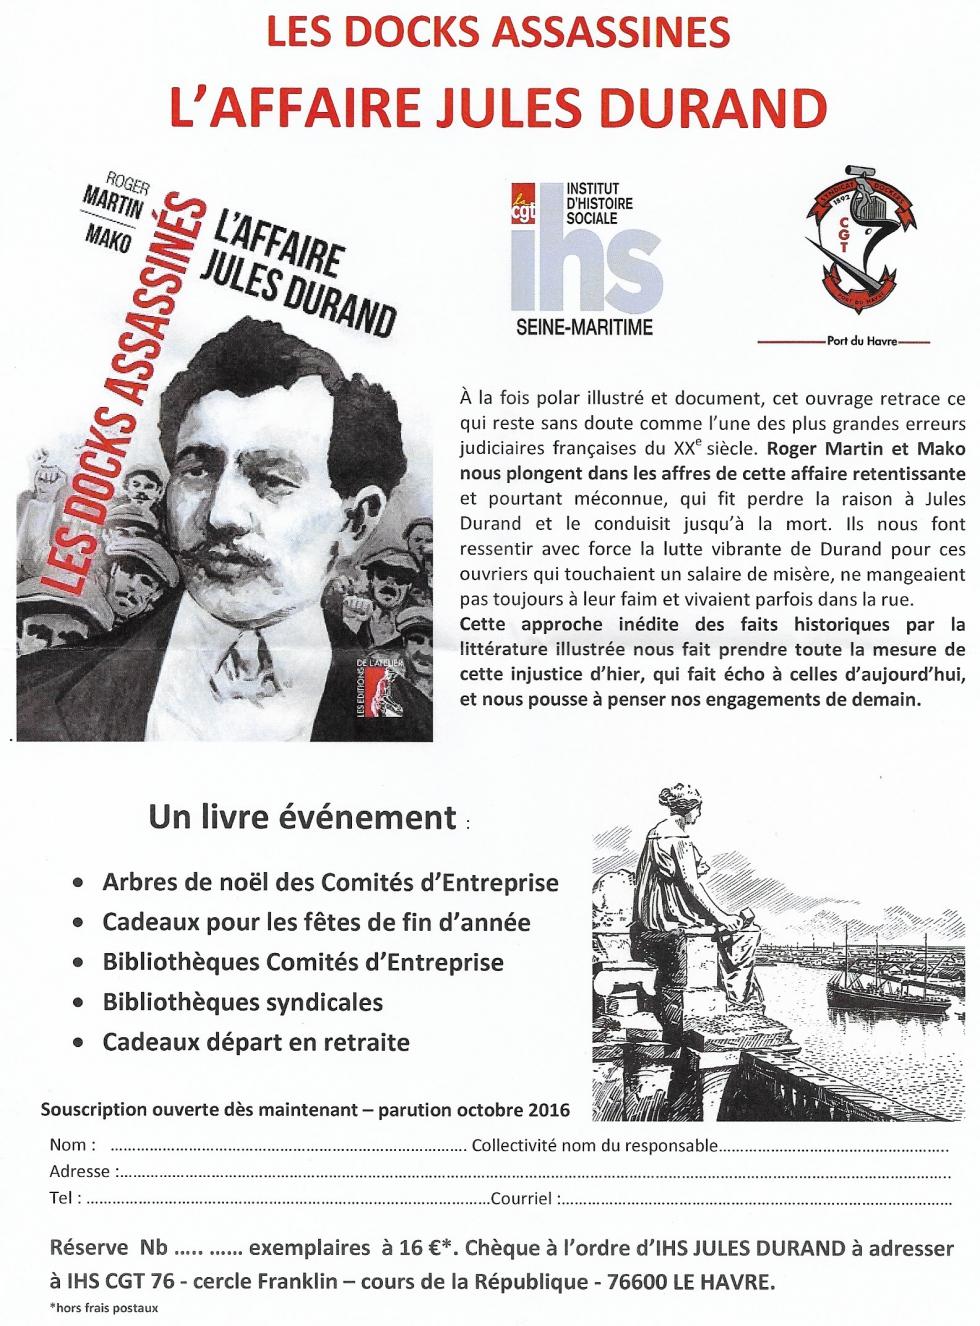 LES DOCKS ASSASSINES – L'AFFAIRE JULES DURAND – Un roman graphique original édité par L'IHS Cgt 76 et le Syndicat des Dockers du Havre